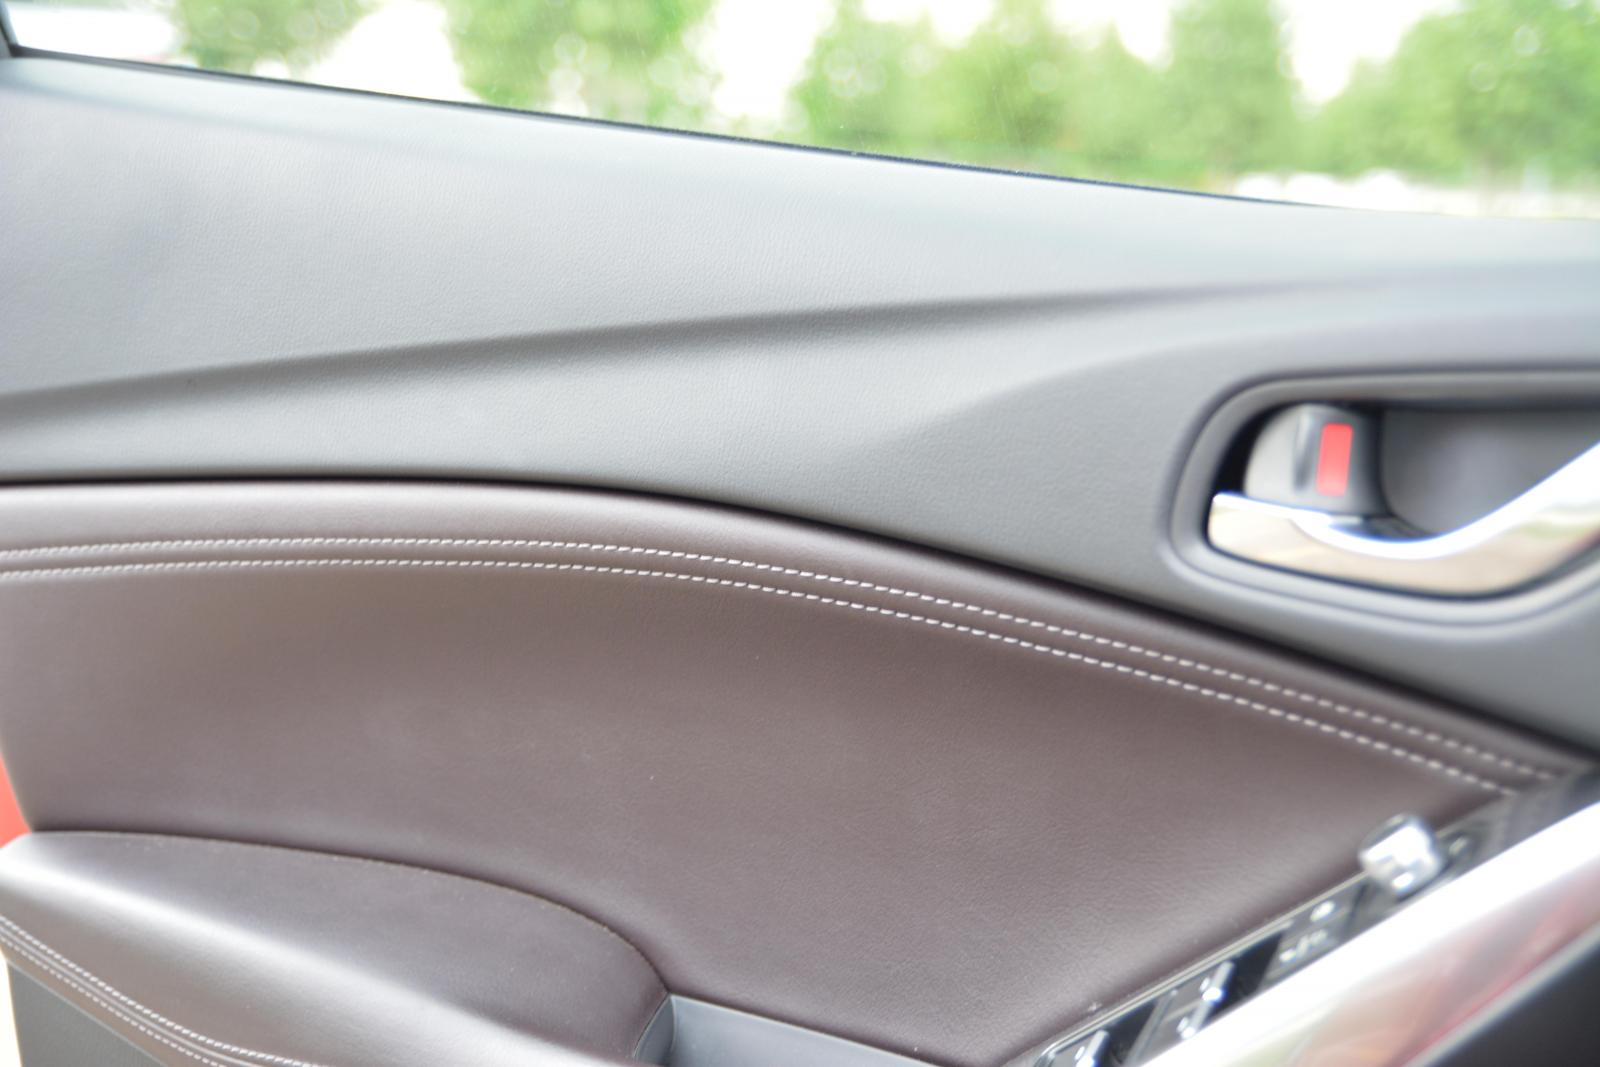 2017 Mazda6 Deri Döşeme